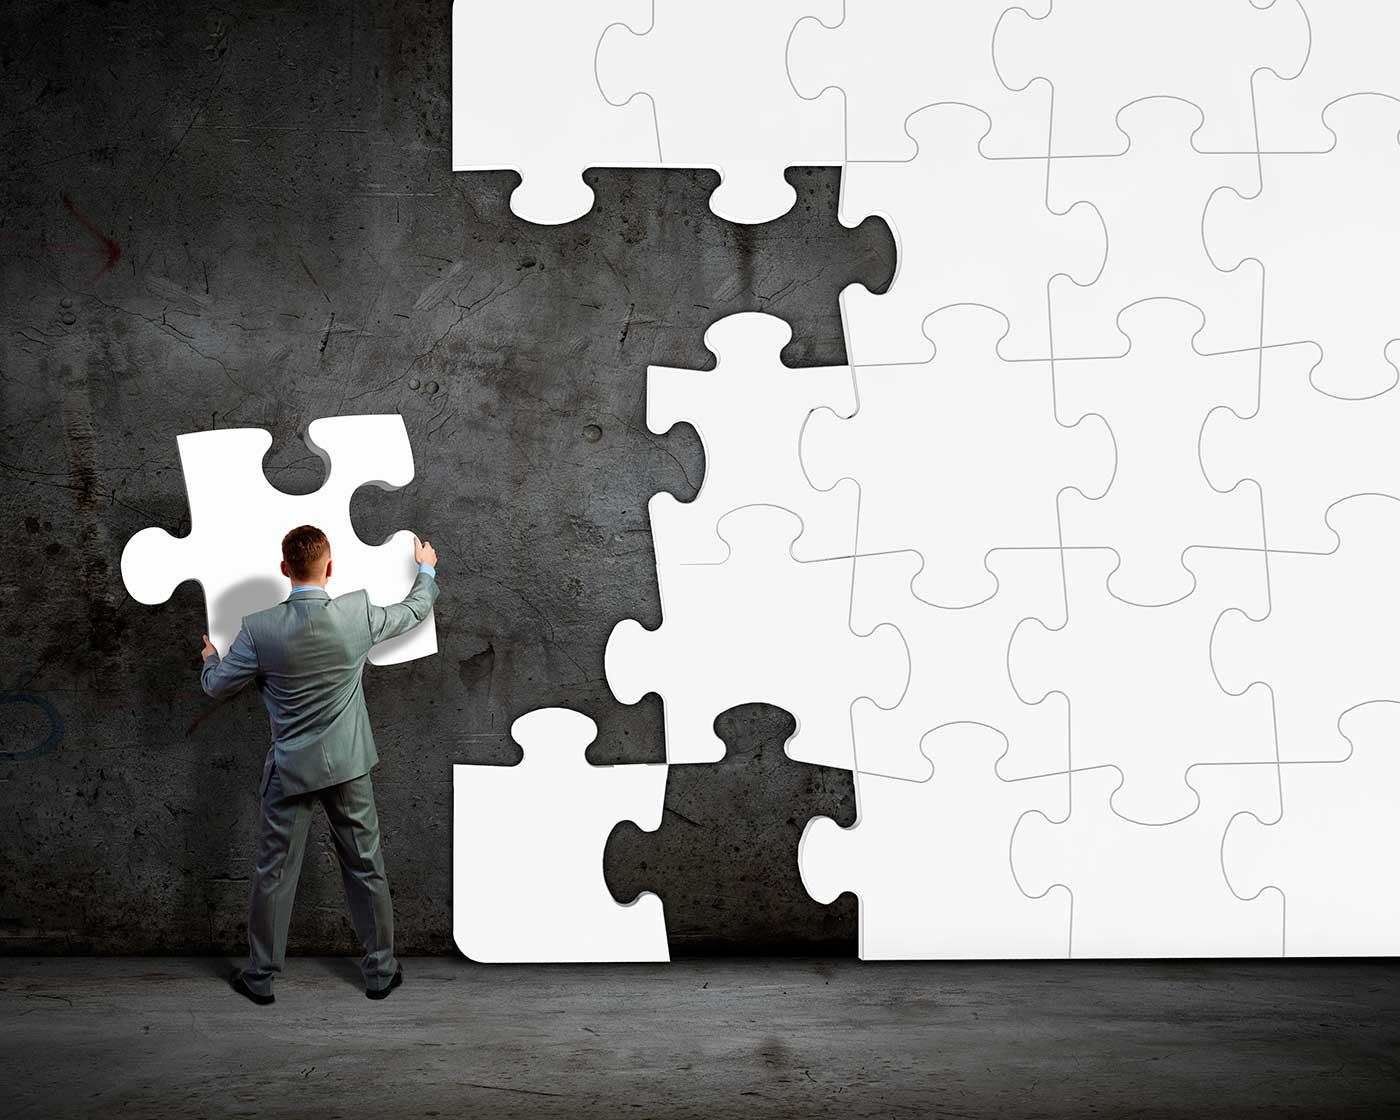 Armando el rompecabezas de 2017 banca y negocios - Collegamento stampabile un puzzle pix ...